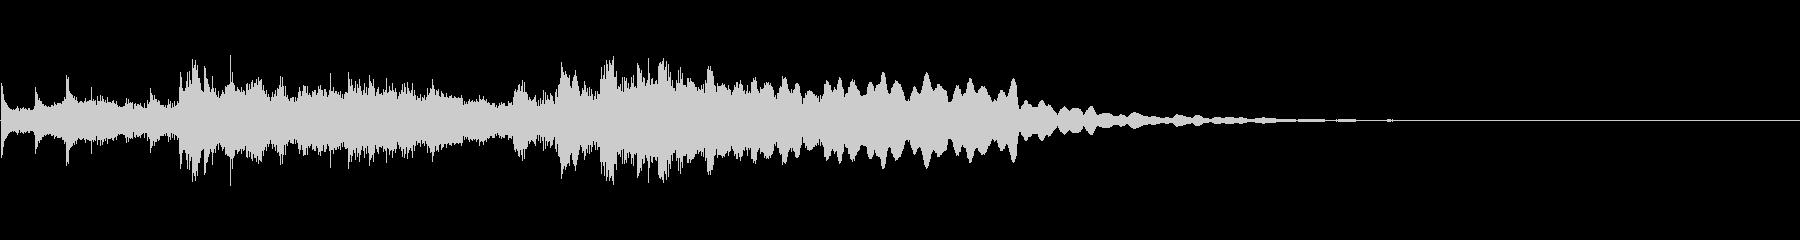 琴・尺八・和風ジングルの未再生の波形